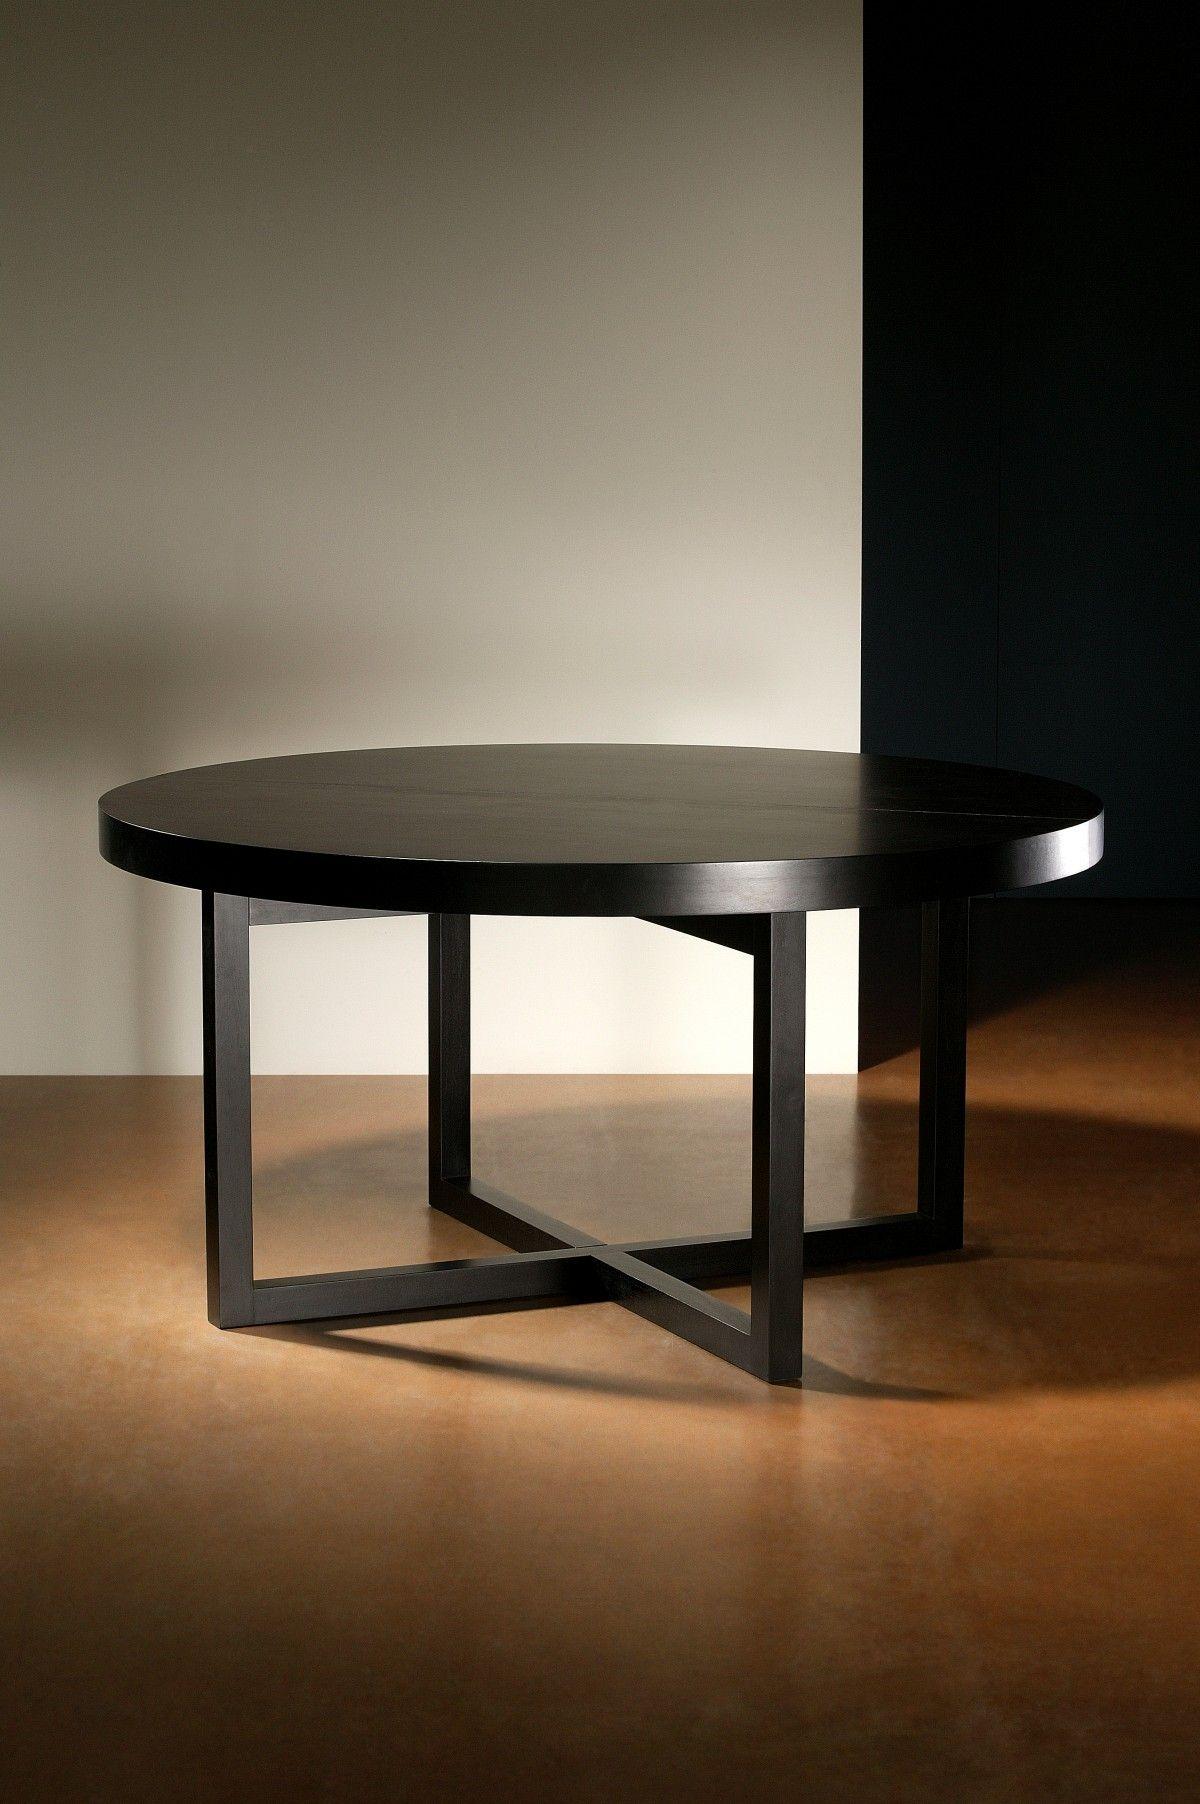 5072861ec3047a406b6a7bbd81b93ed5 Unique De Table Basse Noyer Design Concept